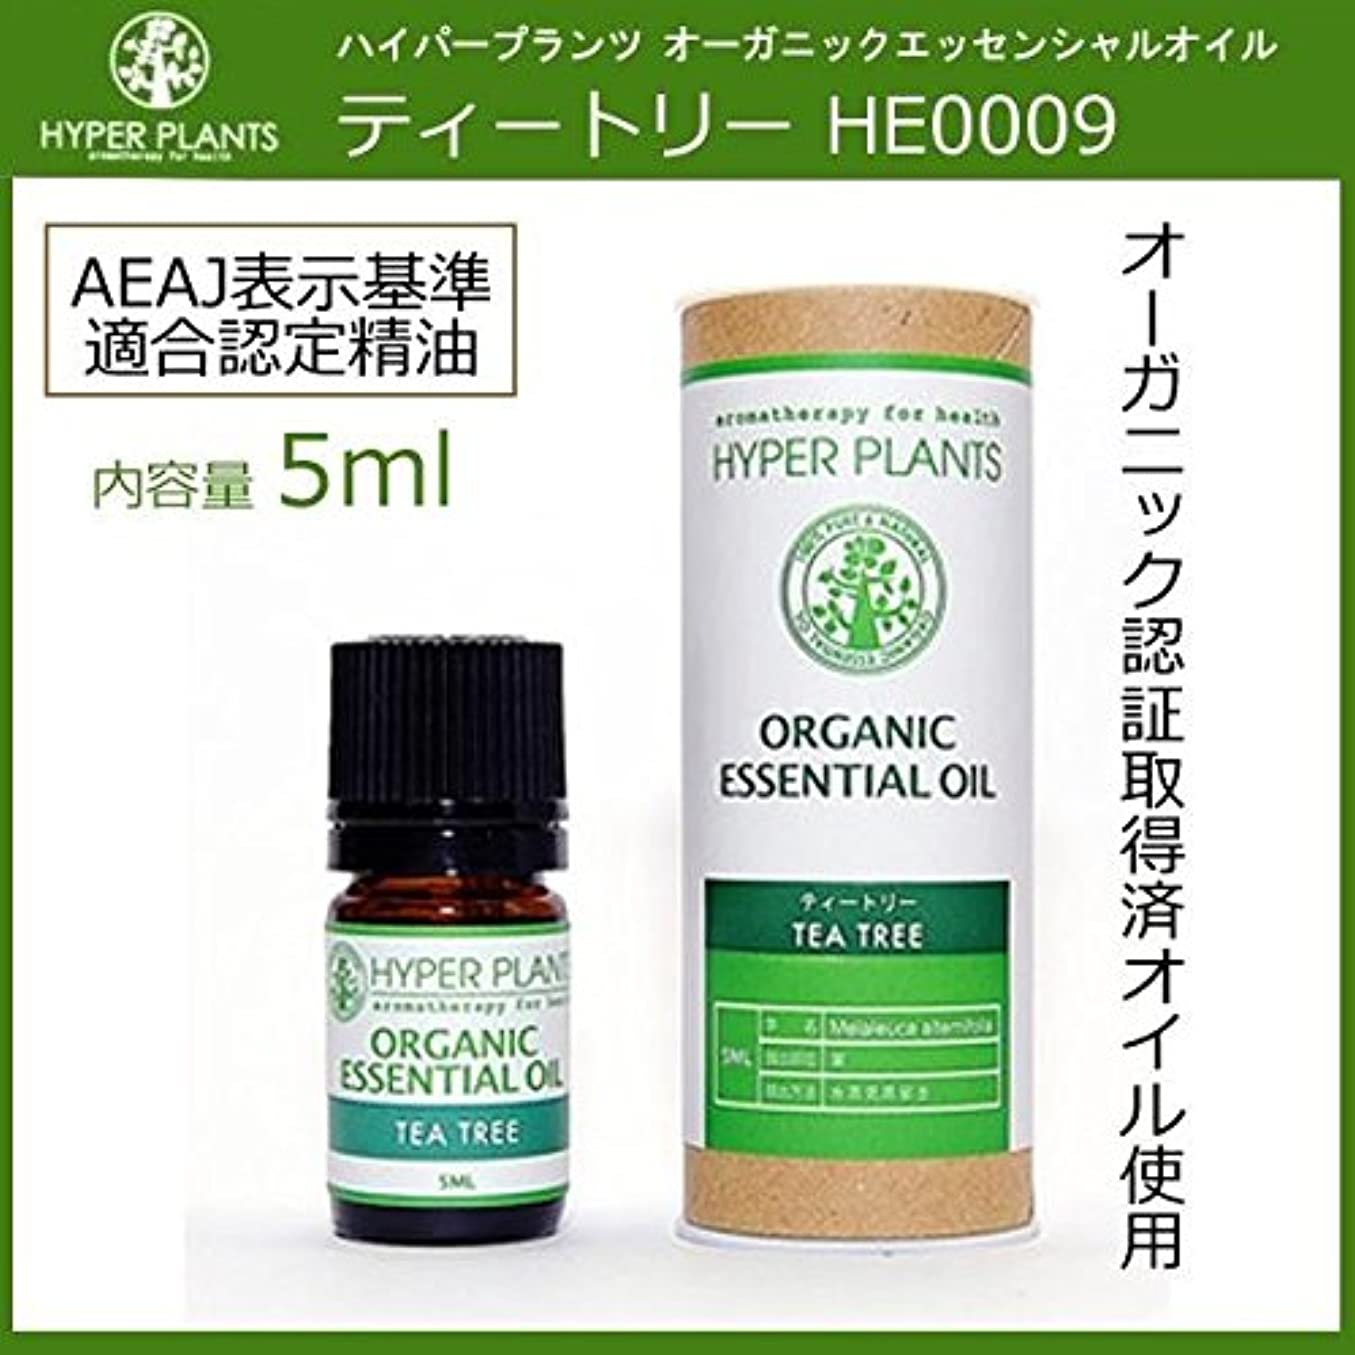 護衛短くする検閲HYPER PLANTS ハイパープランツ オーガニックエッセンシャルオイル ティートリー 5ml HE0009